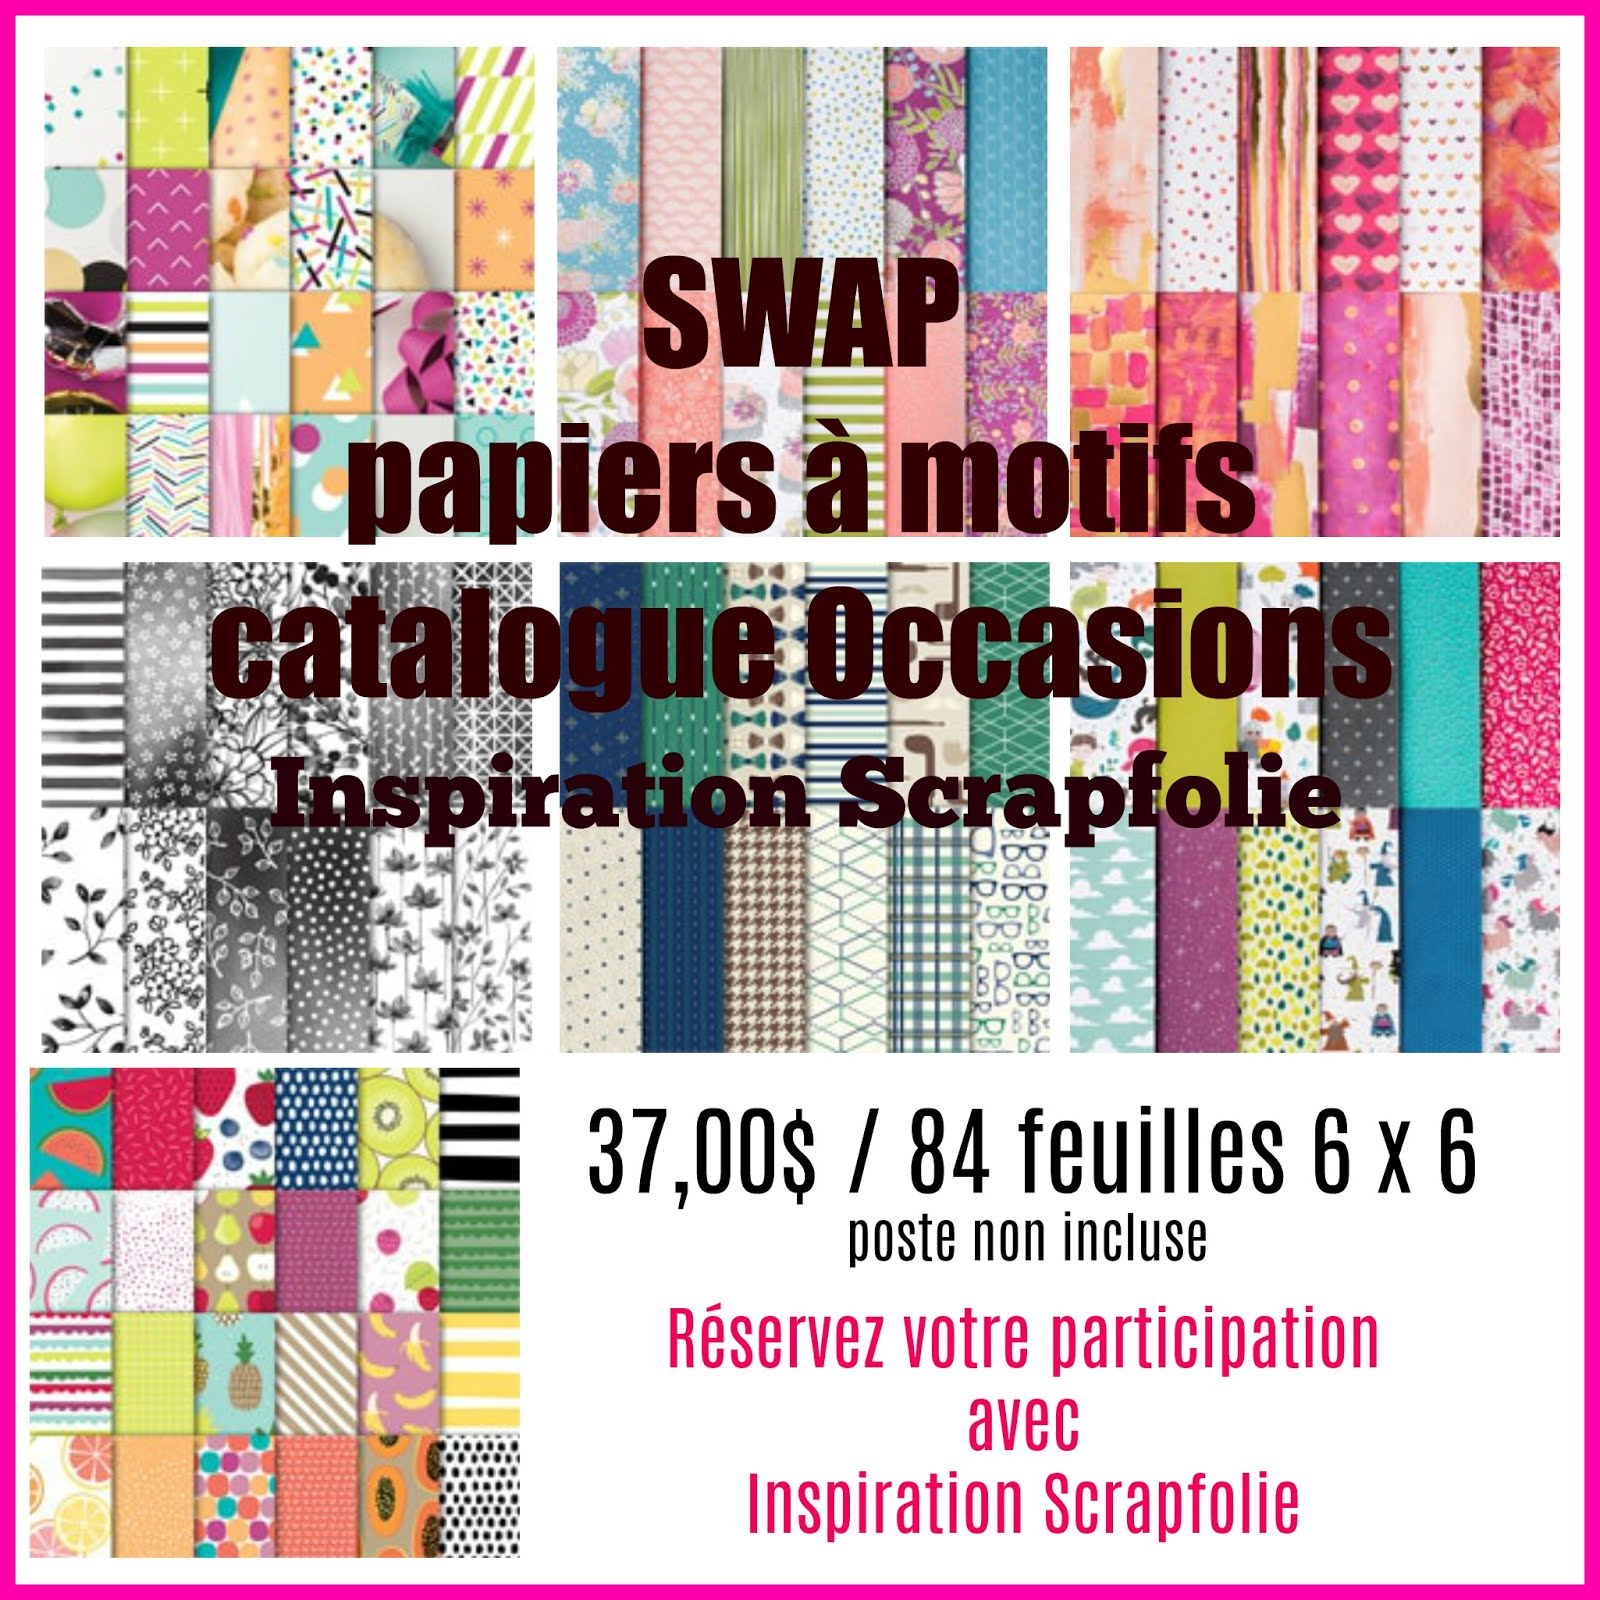 Achat groupé de papiers à motifs Catalogue Occasions